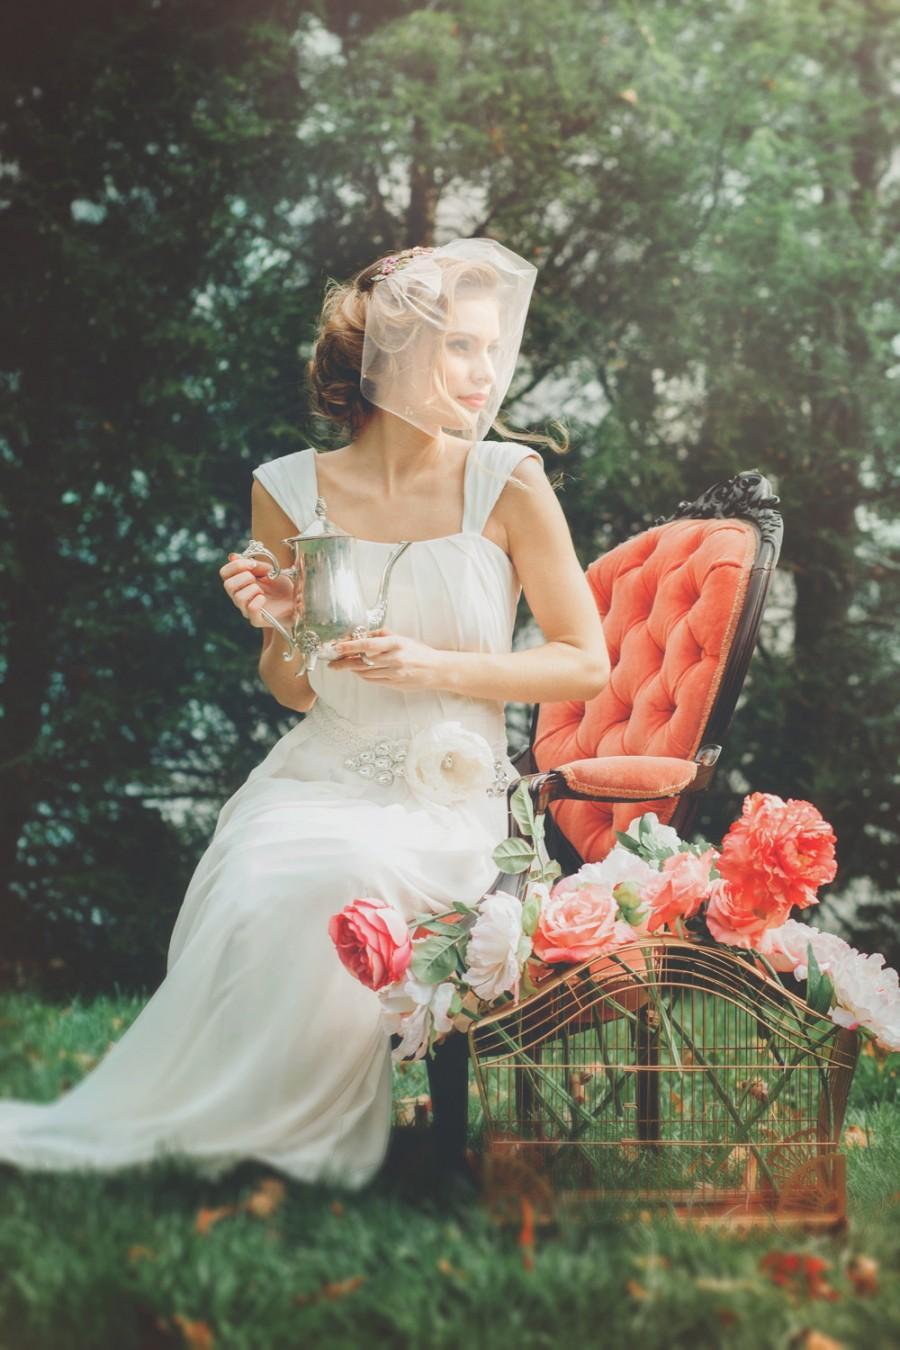 زفاف - Blush Pink Tulle Blusher Birdcage Wedding Veil with Crystal Rhinestone Piece - Tiny Veil - Birdcage Veil - Short Veil - Havanah